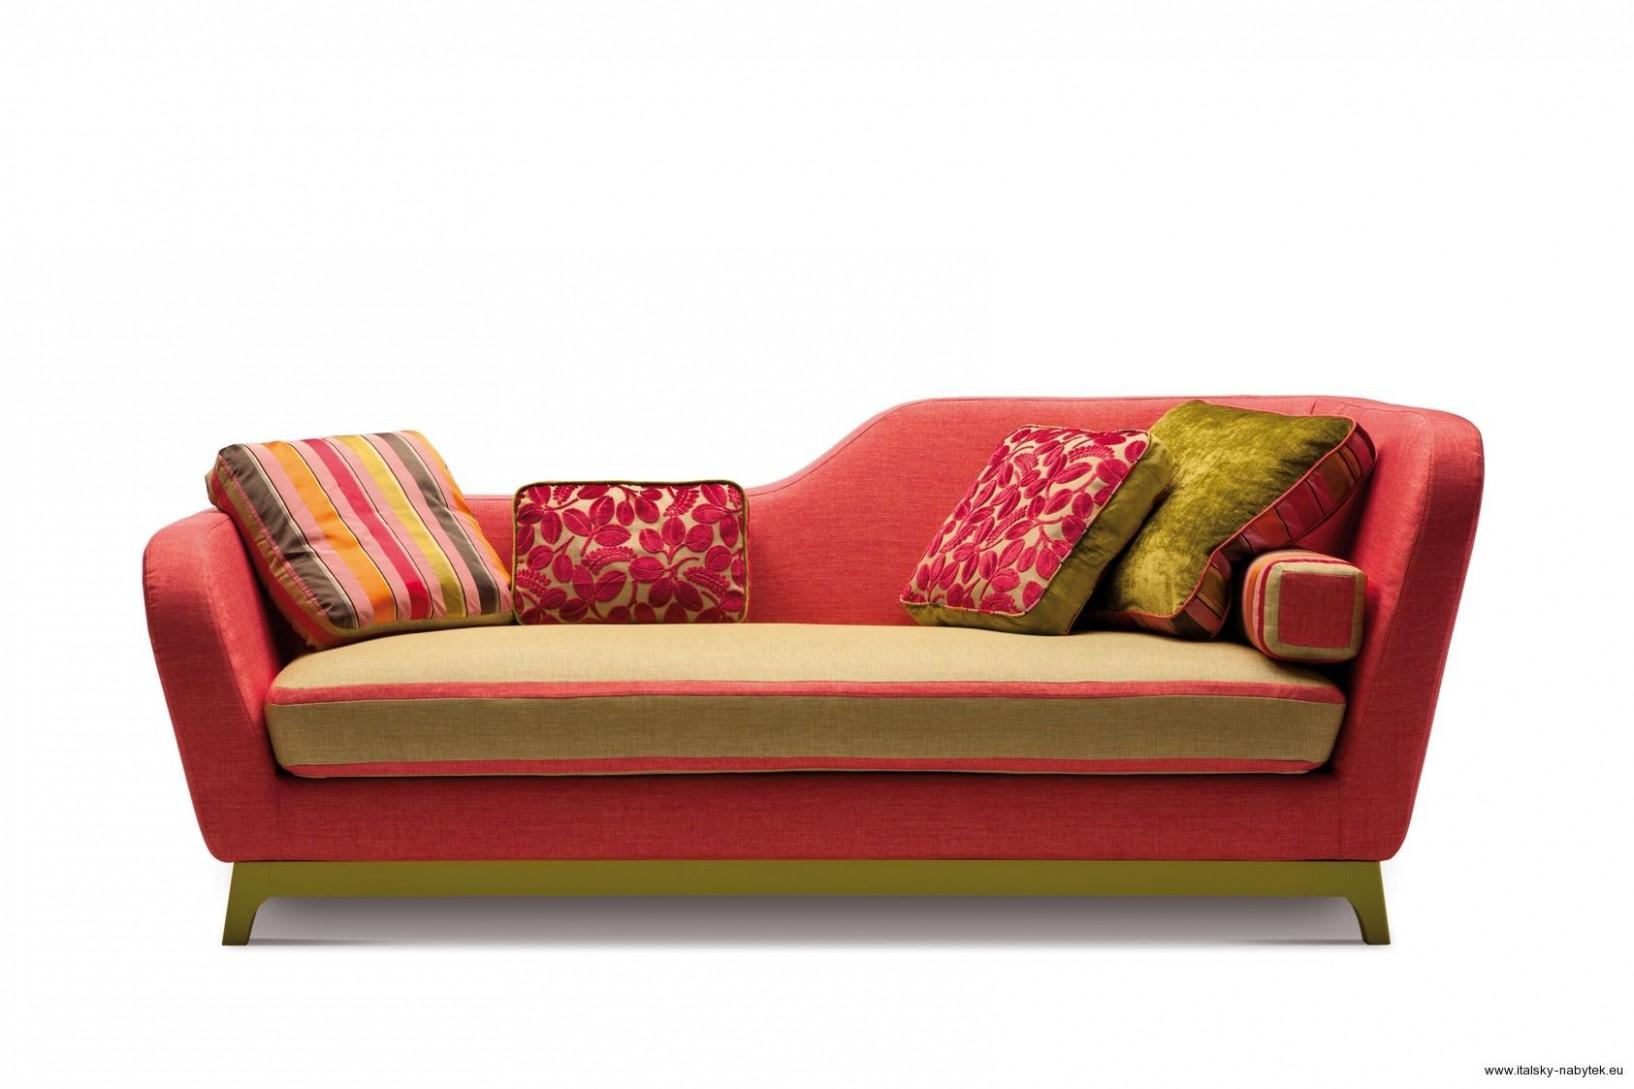 MILANO BEDDING | JEREMIE - Retro rozkládací pohovka, sedačka 67 cm ...